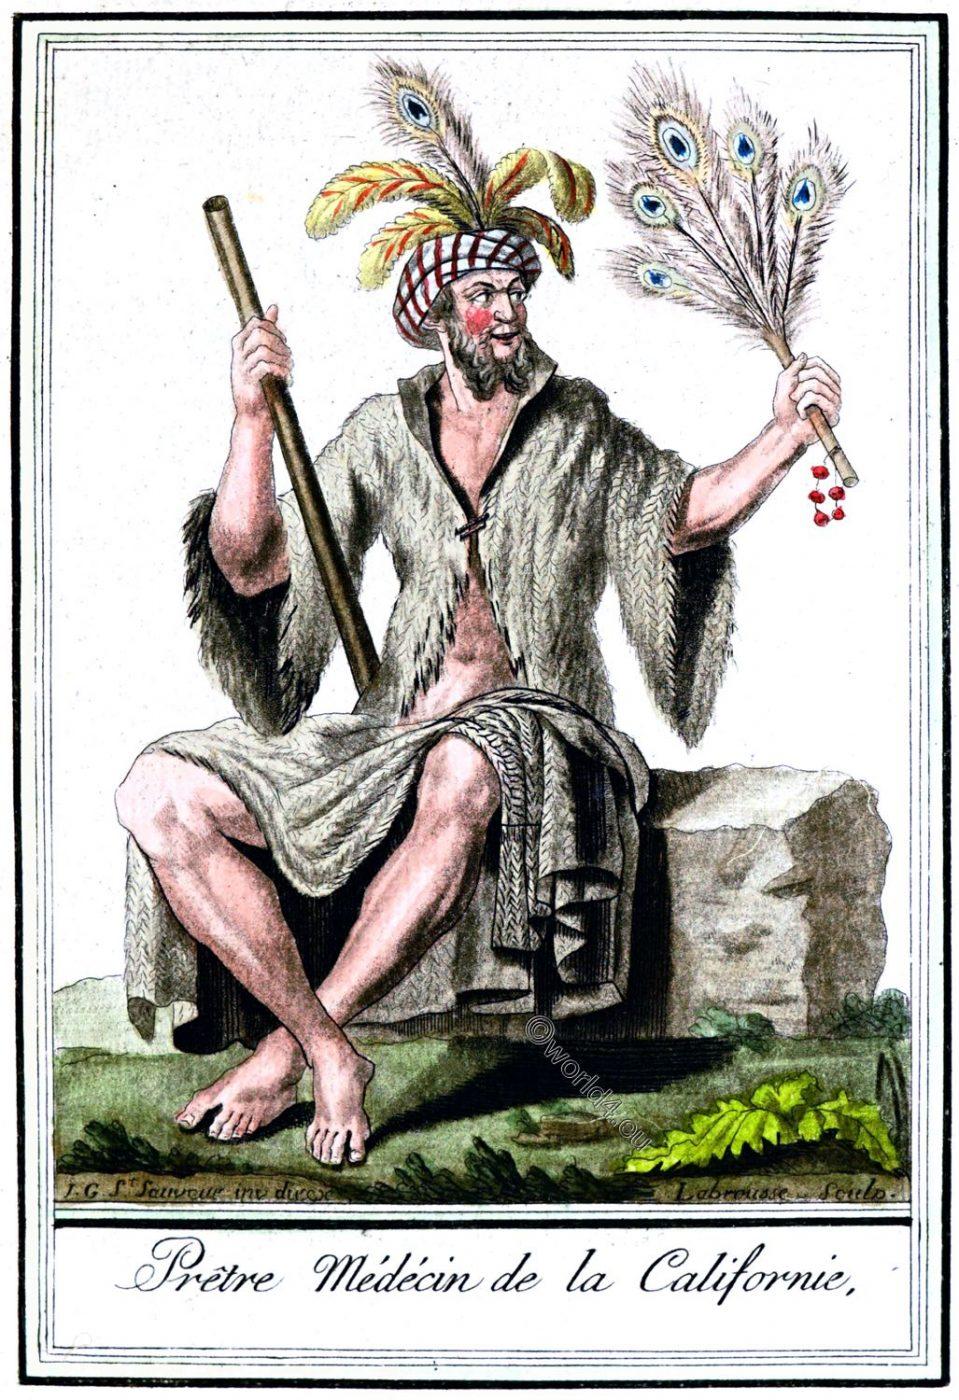 California, Medical, Priest, native, clothing, Jacques Grasset de Saint-Sauveur